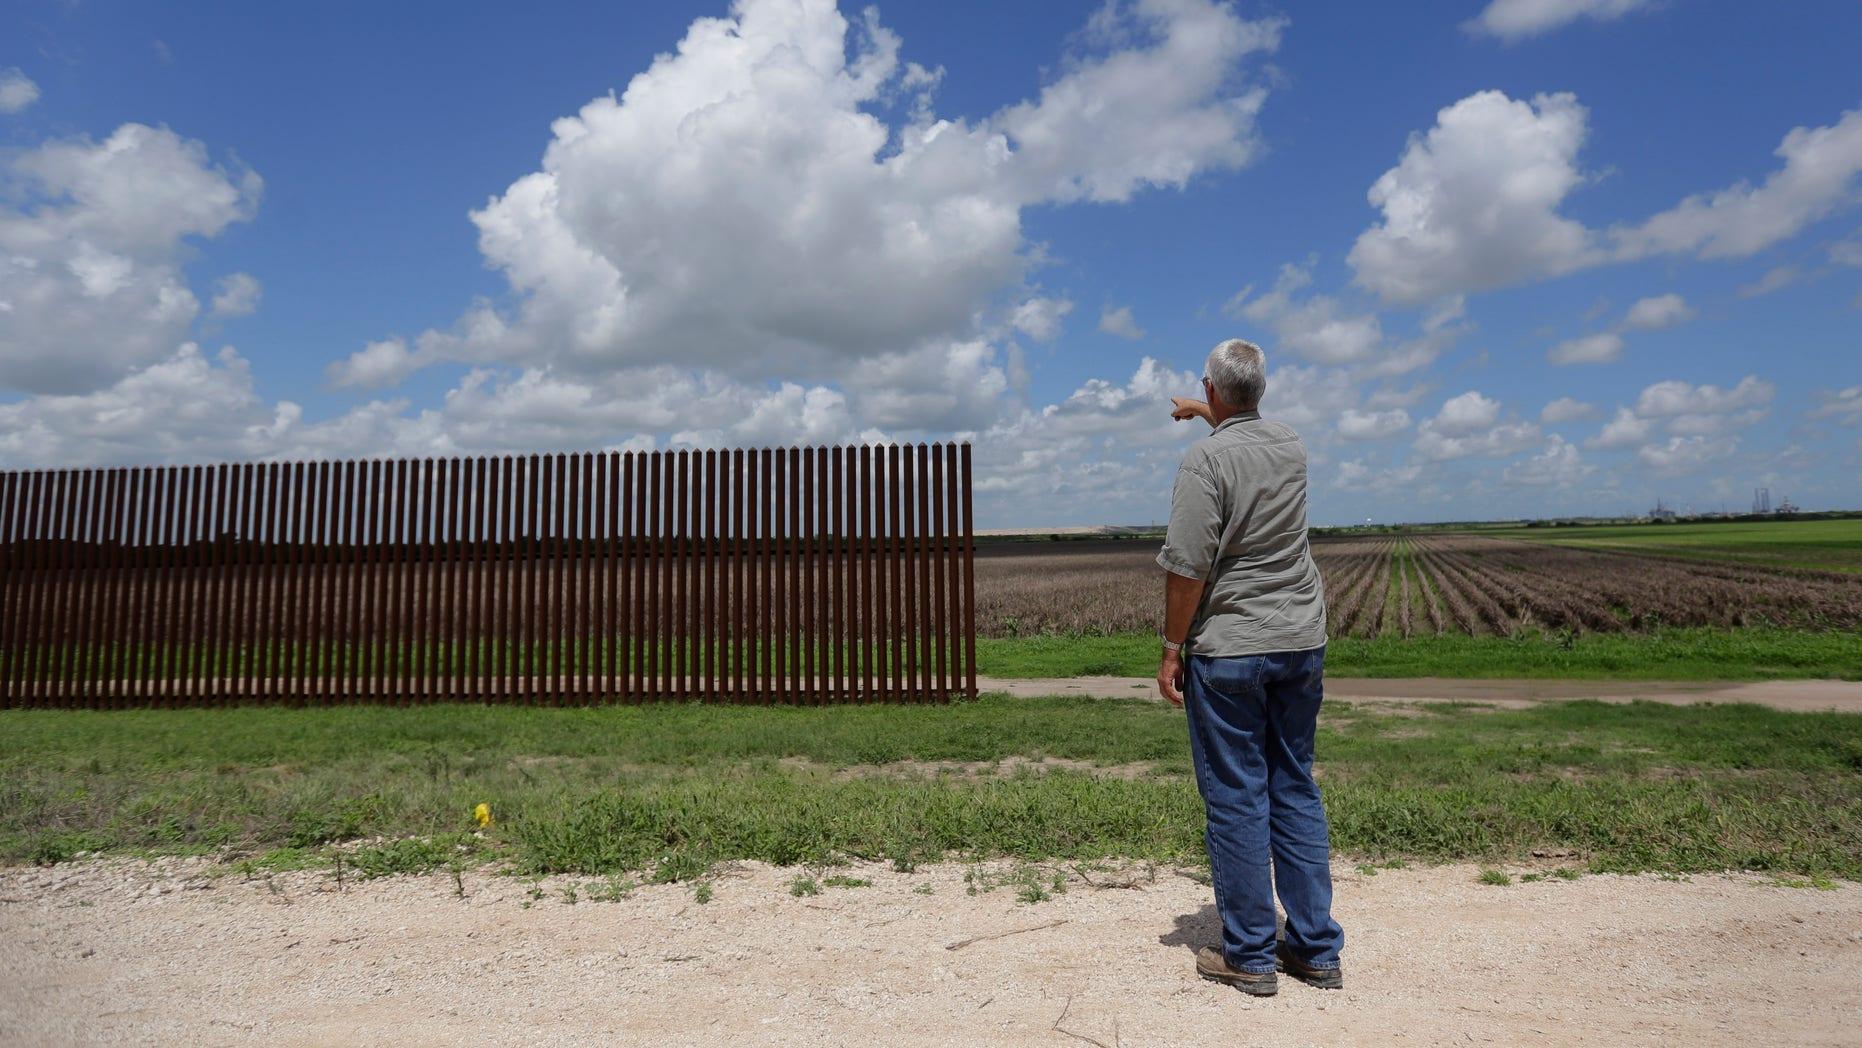 En esta foto del 17 de septiembre de 2015, Max Pons, gerente de Nature Conservancy en la frontera sur de EEUU, señala la punta sur donde termina el muro fronterizo cerca de Brownsville, Texas. La construcción del muro fronterizo entre México y Estados Unidos cuesta 6,5 millones de dólares por milla (1,6 km), por lo que concluirlo será una tarea descomunal para 3.144 kilómetros (1.954 millas) de frontera que comparten ambos países. (Foto AP/Eric Gay)